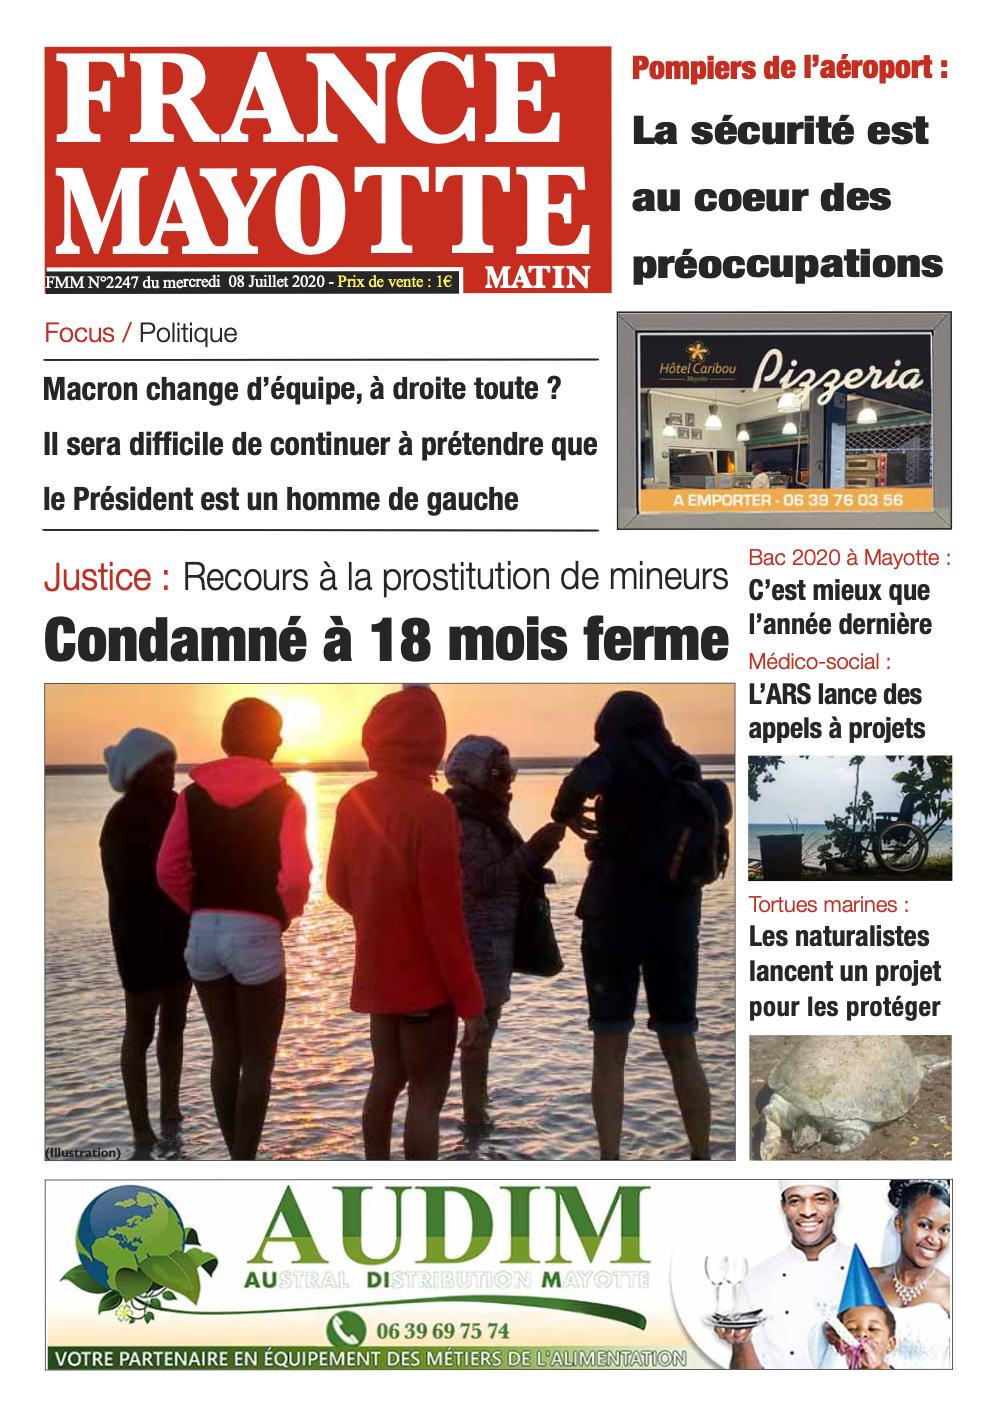 France Mayotte Mercredi 8 juillet 2020